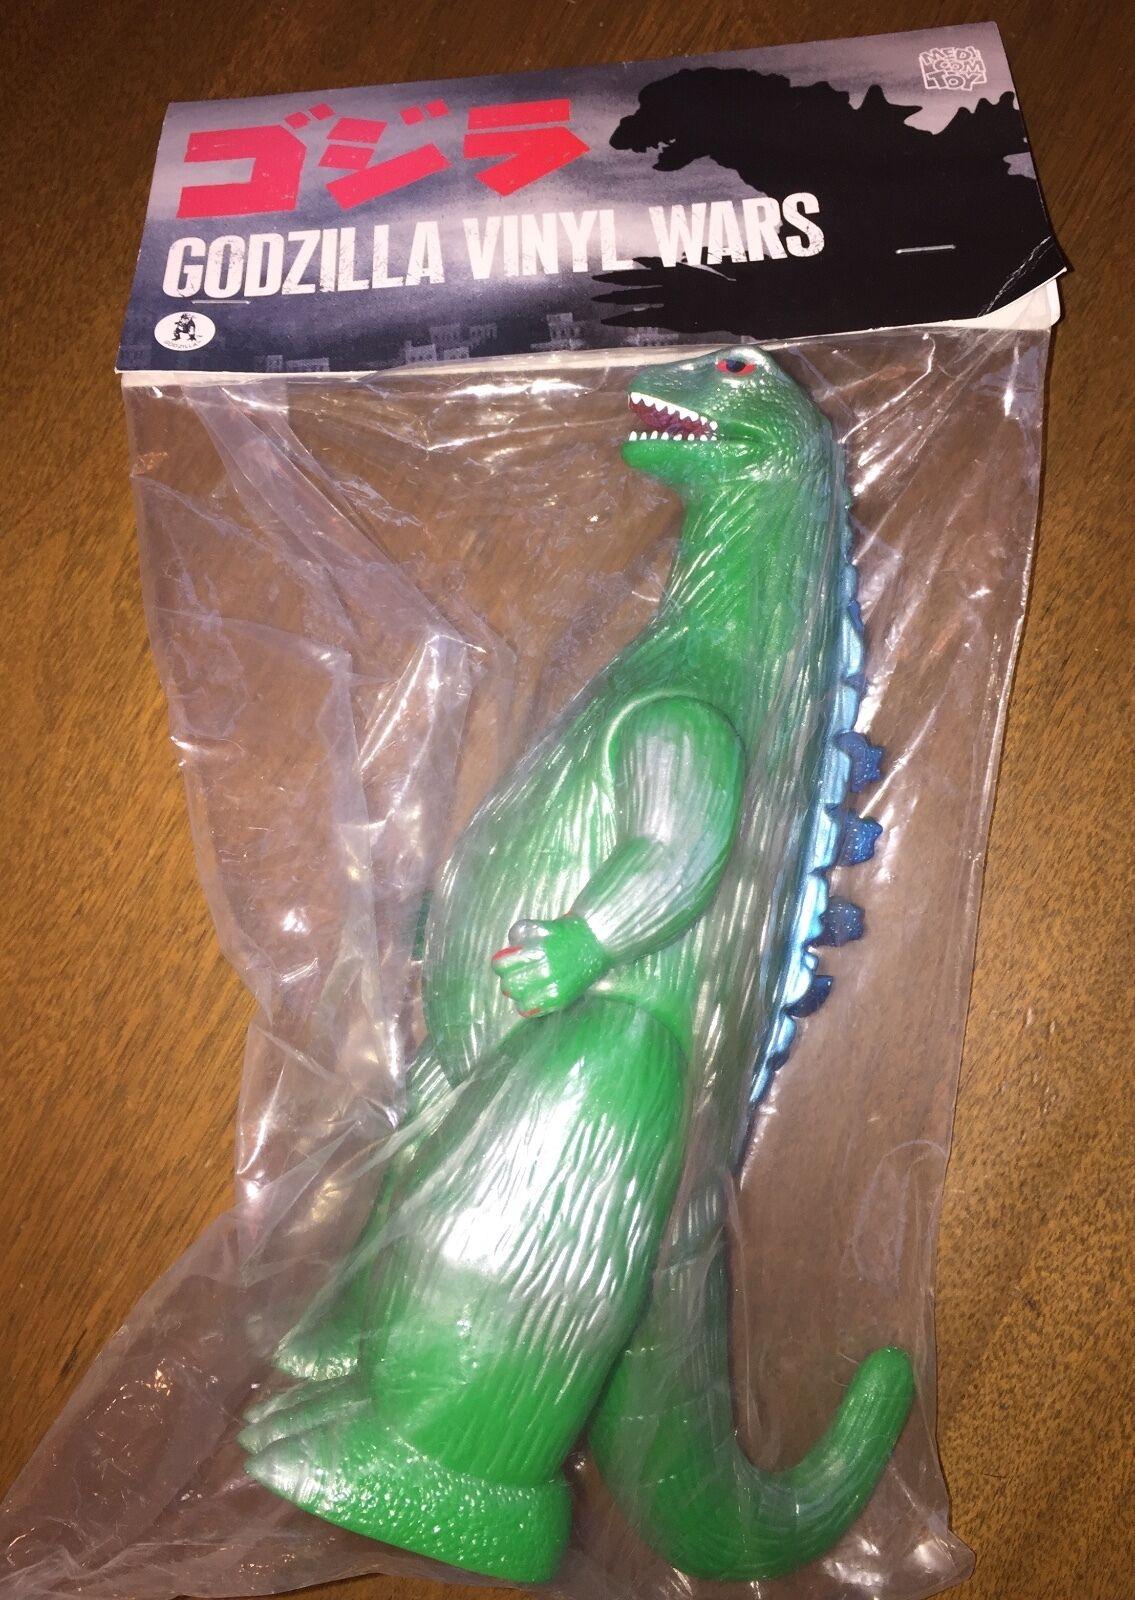 Godzilla Vinyl Wars GODZILLA J TAIL GREEN SOFUBI previews diamond exclusive NEW